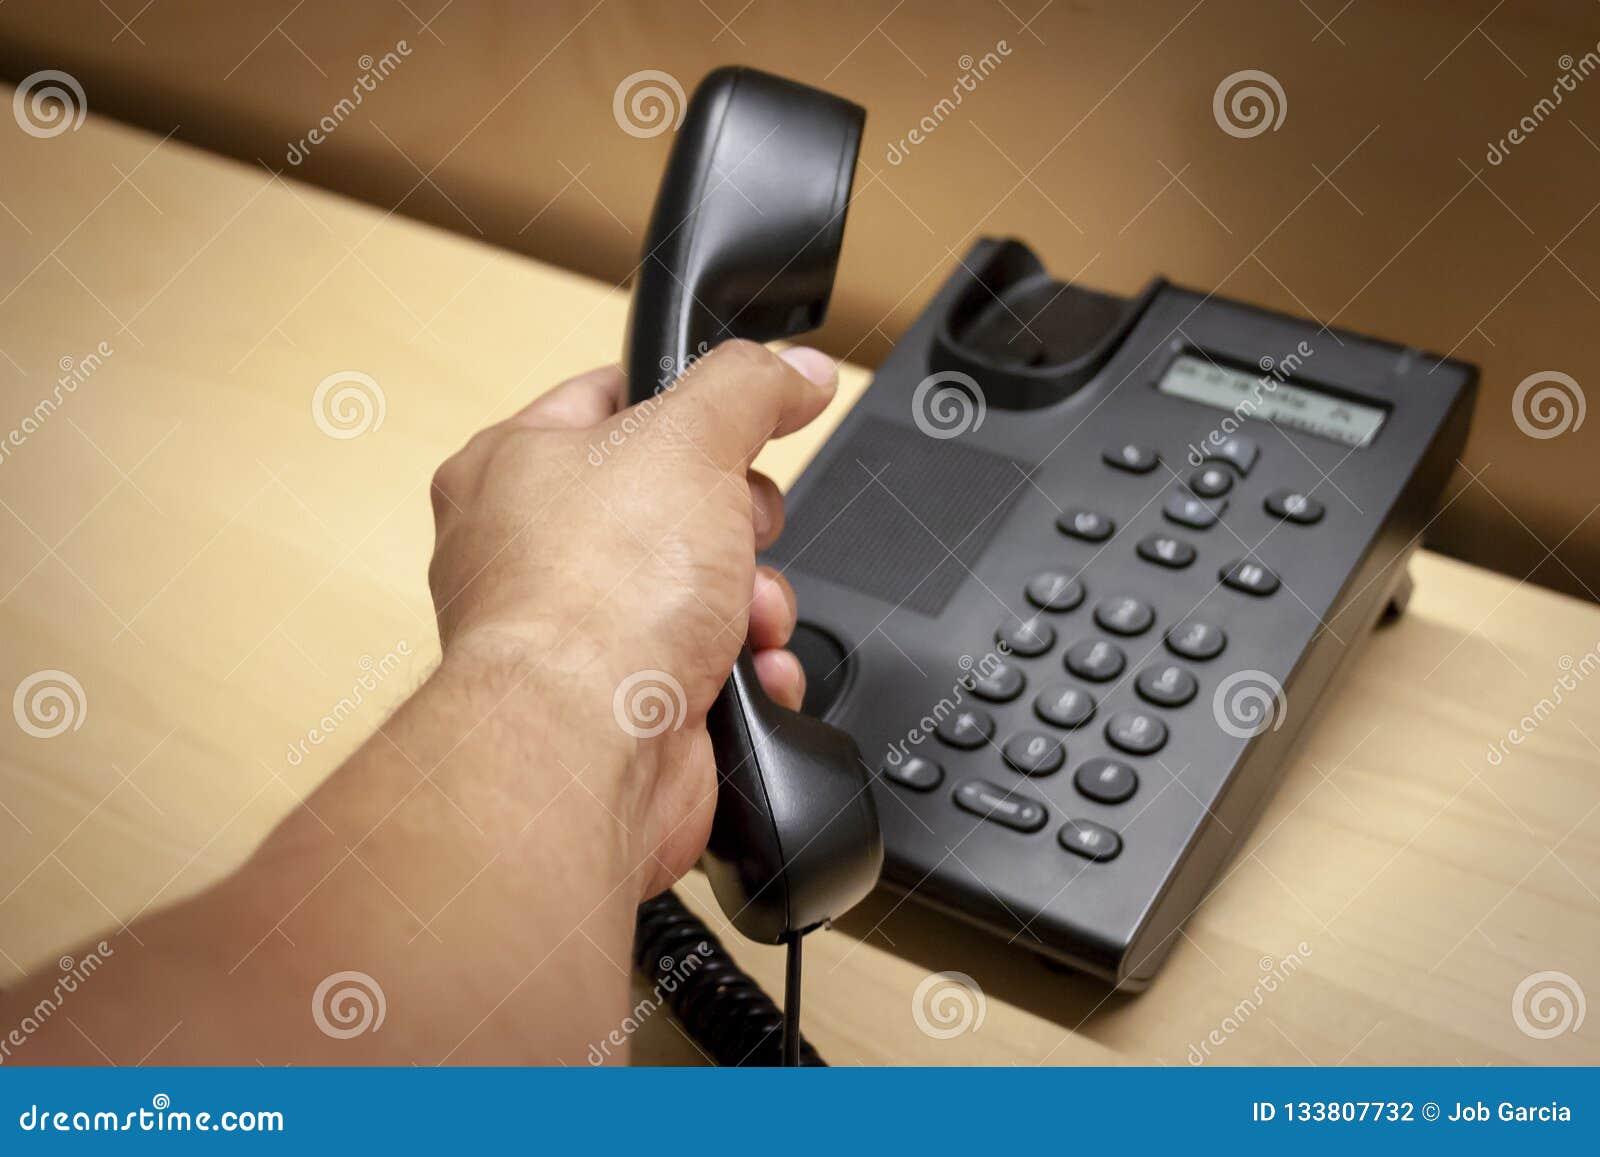 Contestación de una llamada de un teléfono negro